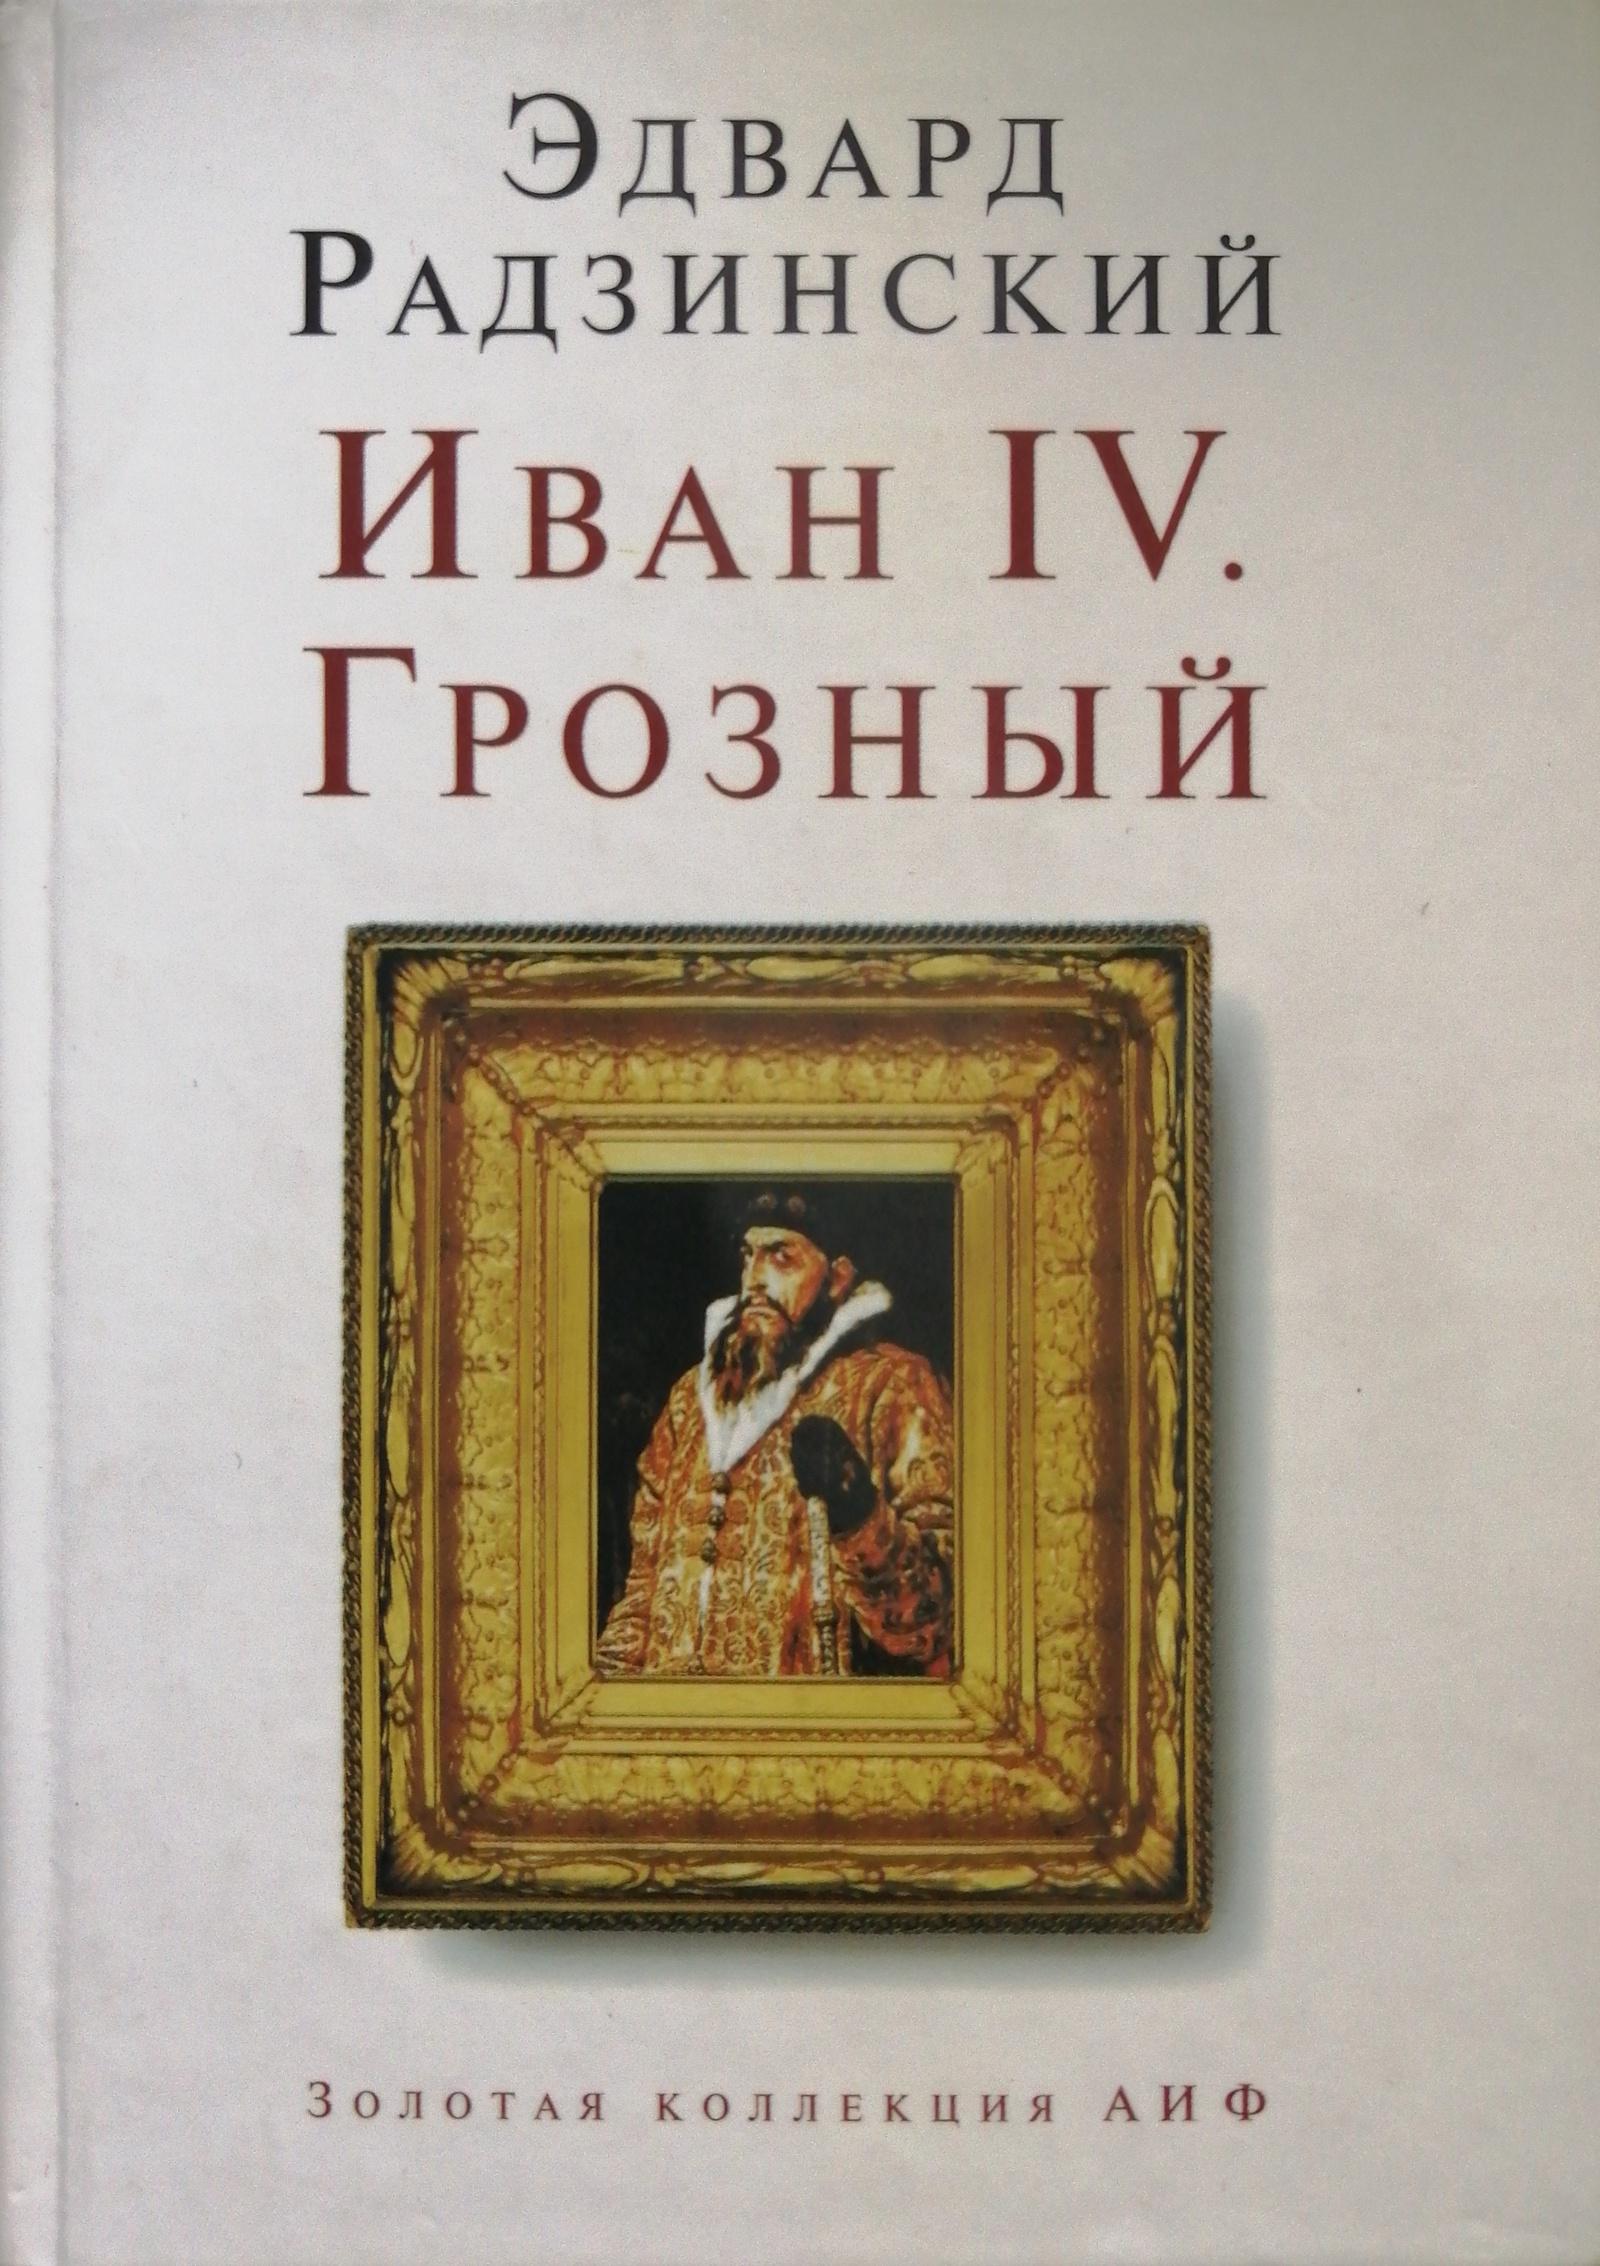 Радзинский Эдвард Станиславович Иван IV. Грозный